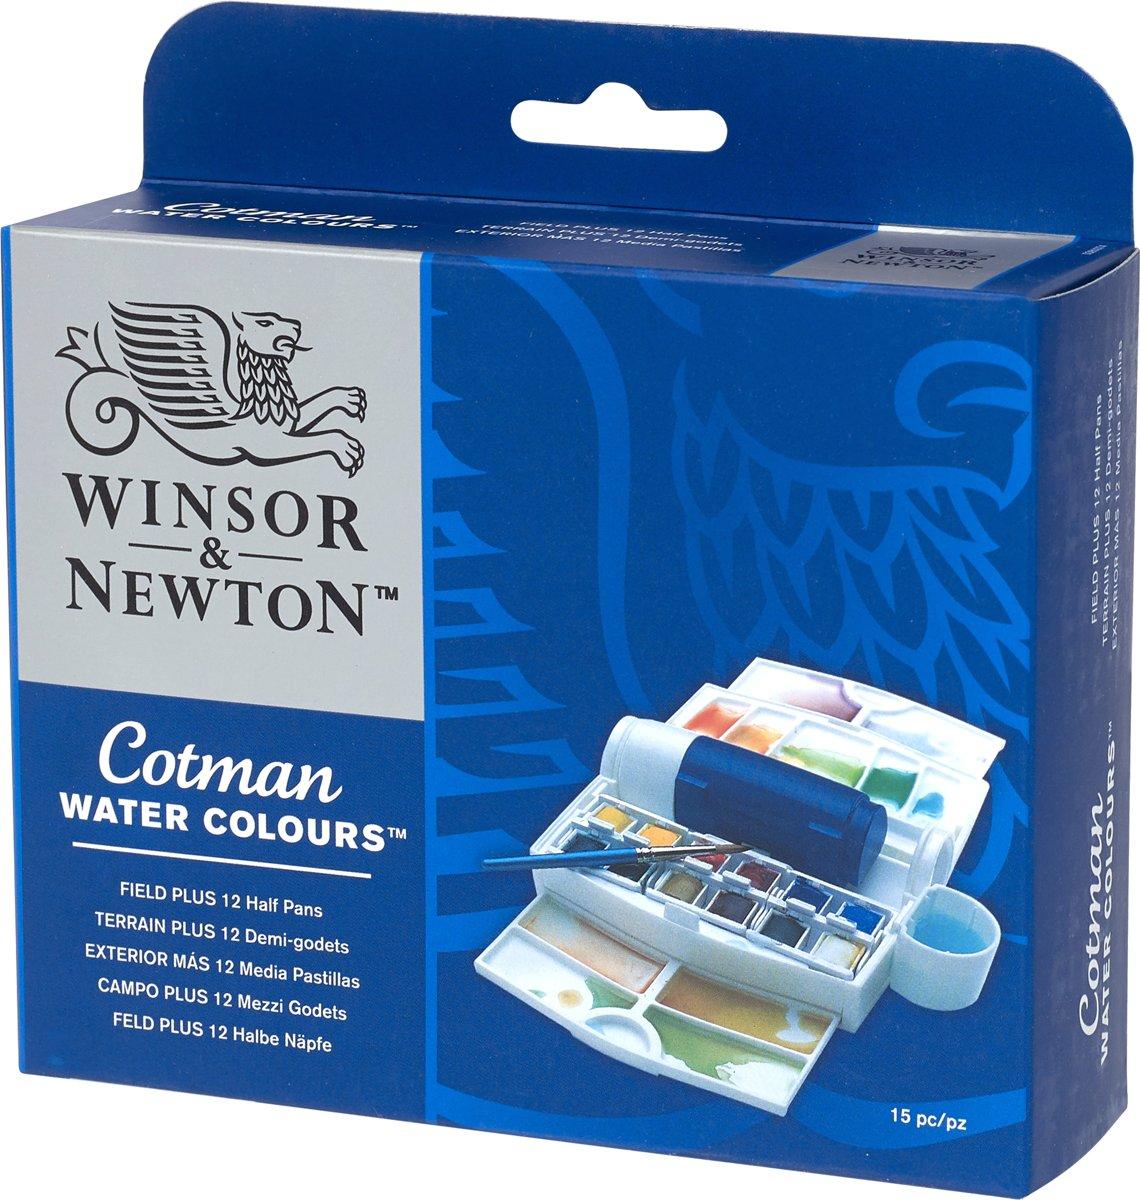 Winsor & Newton Cotman Aquarelverf Field Plus Set 12 halve napjes